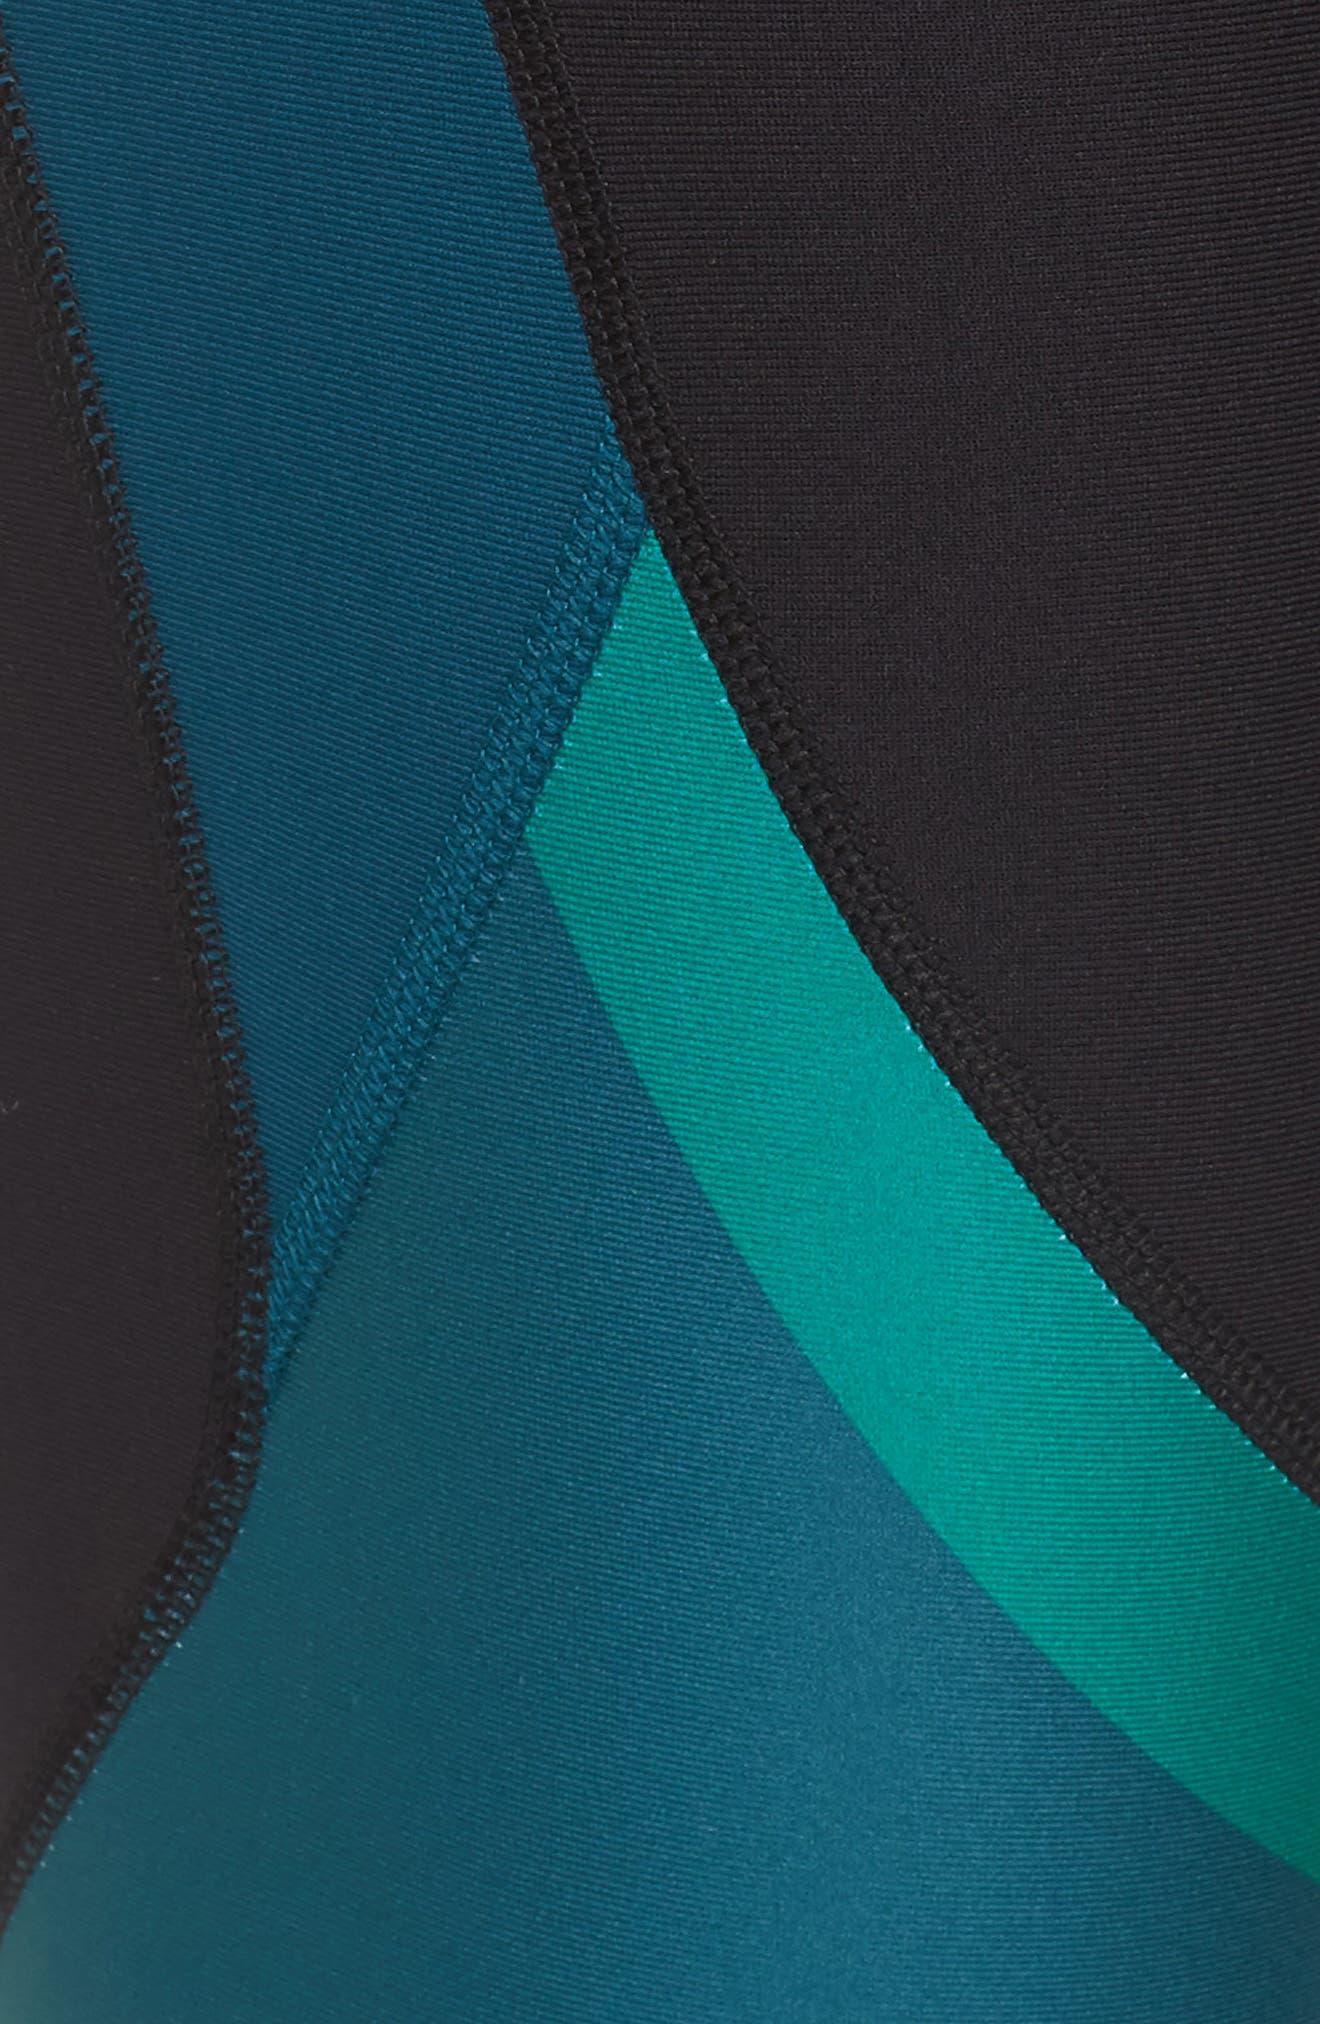 Vanish Chop Block Studio Leggings,                             Alternate thumbnail 6, color,                             Black